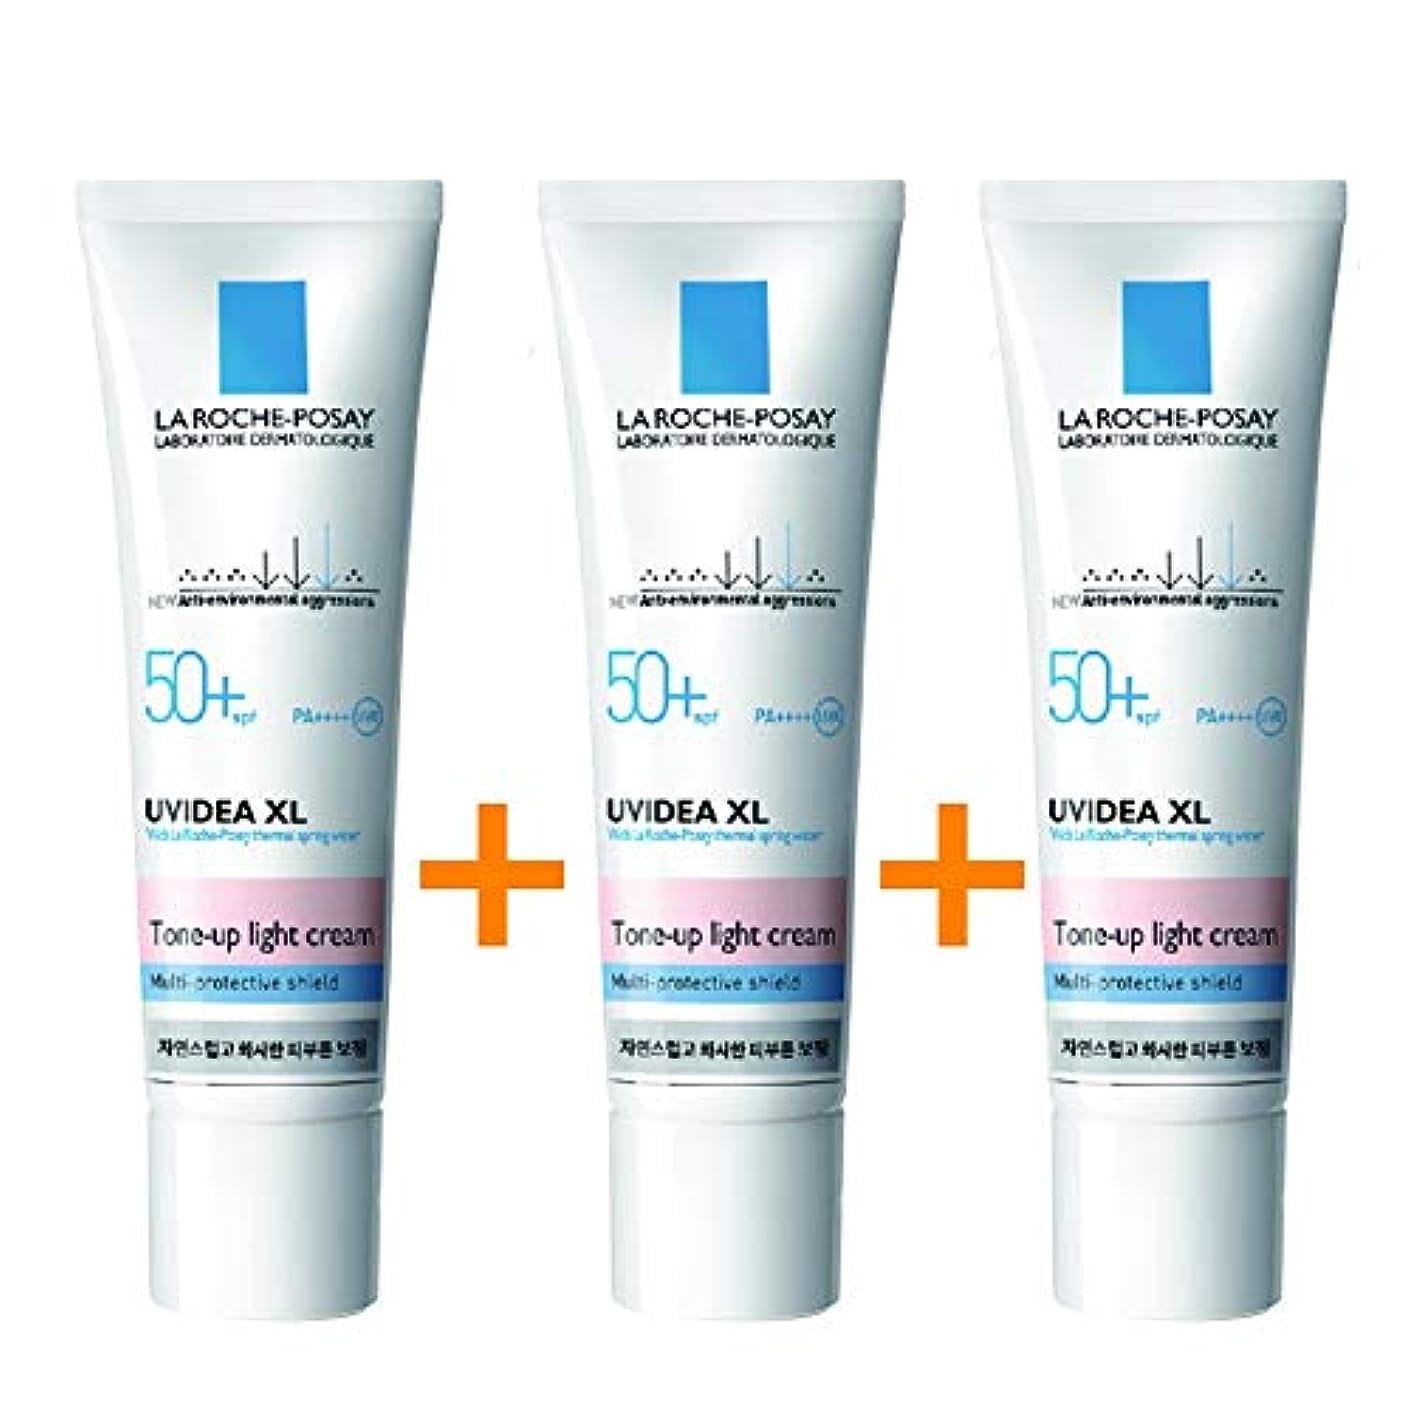 正確さ信号仮説[3個セット] La Roche-Posay ラロッシュポゼ UVイデア XL プロテクショントーンアップ Uvidea XL Tone-up Light Cream (30ml)